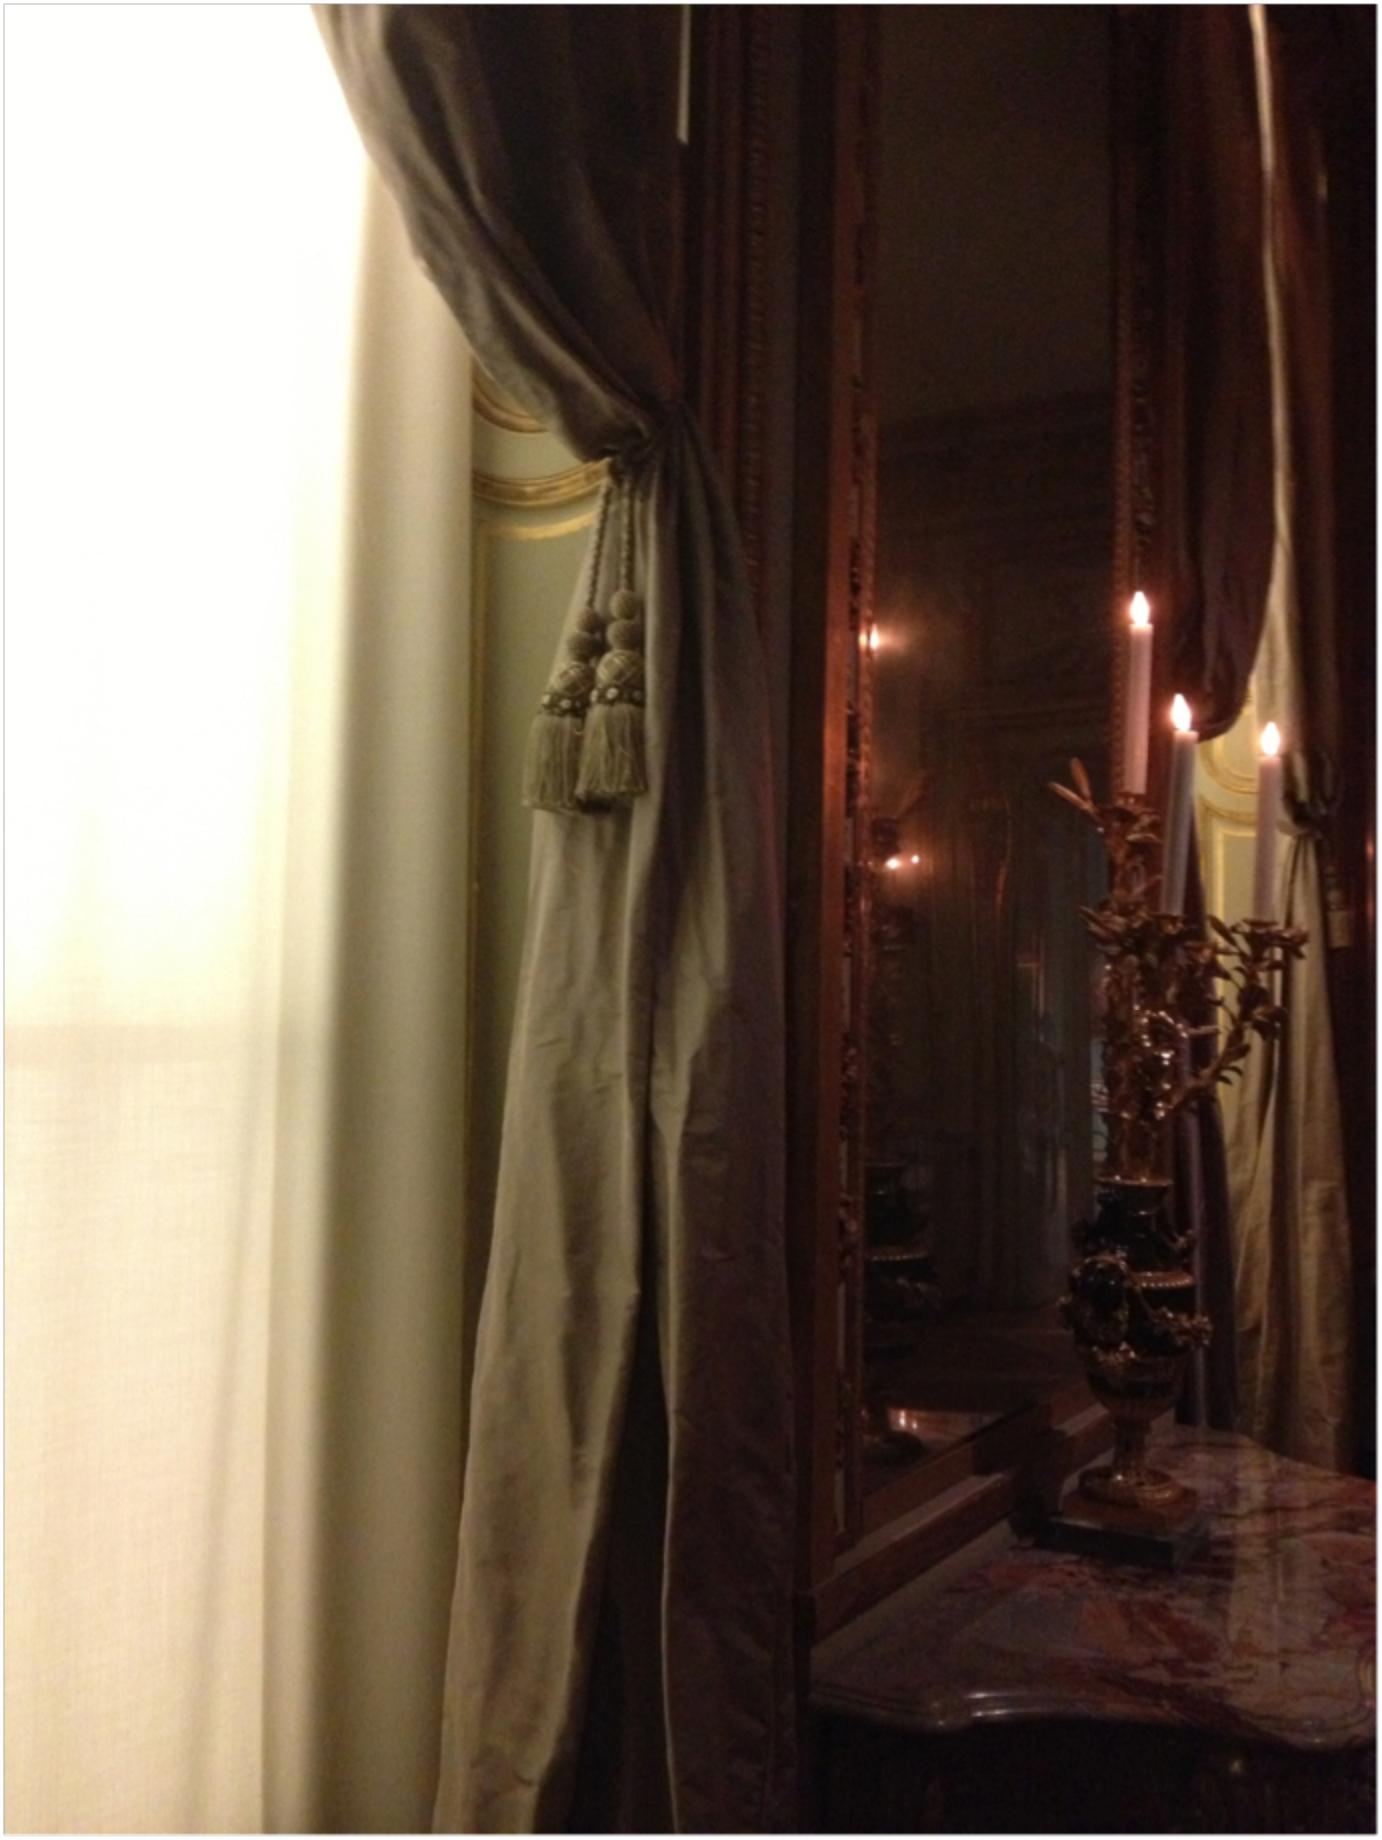 Met Room Curtains 2.jpg